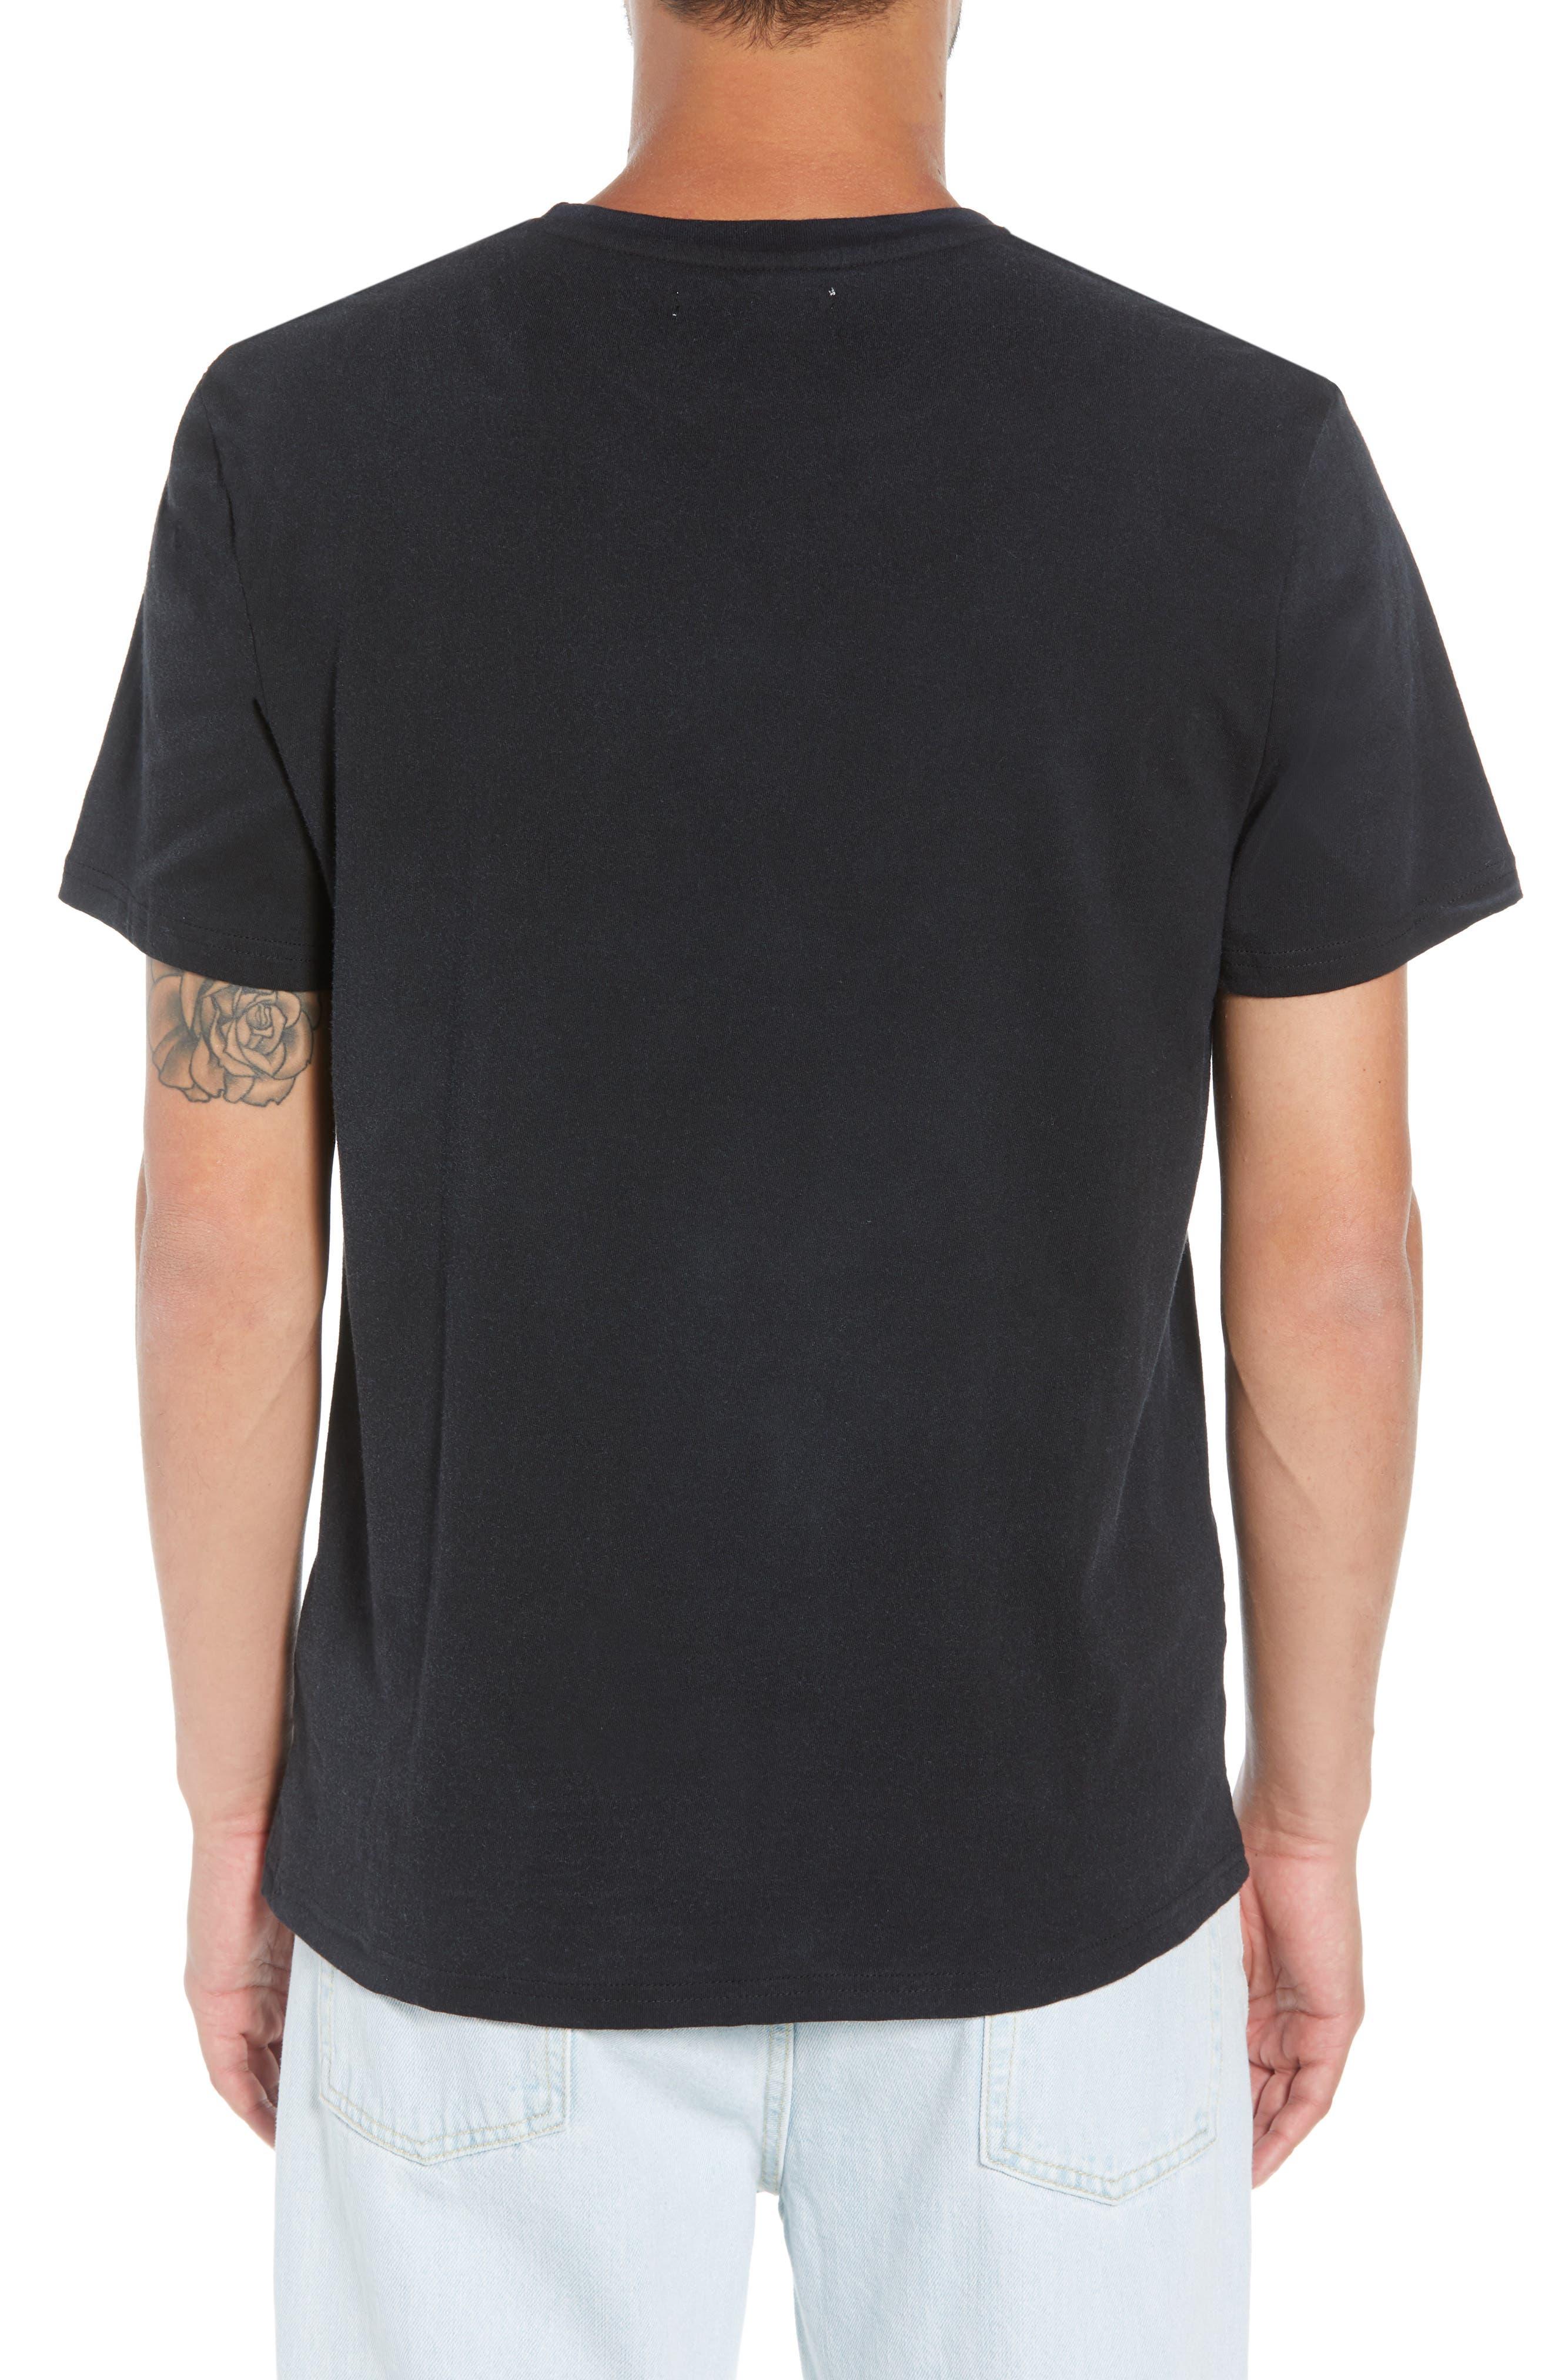 ELEVENPARIS,                             Renaissance Graphic T-Shirt,                             Alternate thumbnail 2, color,                             002